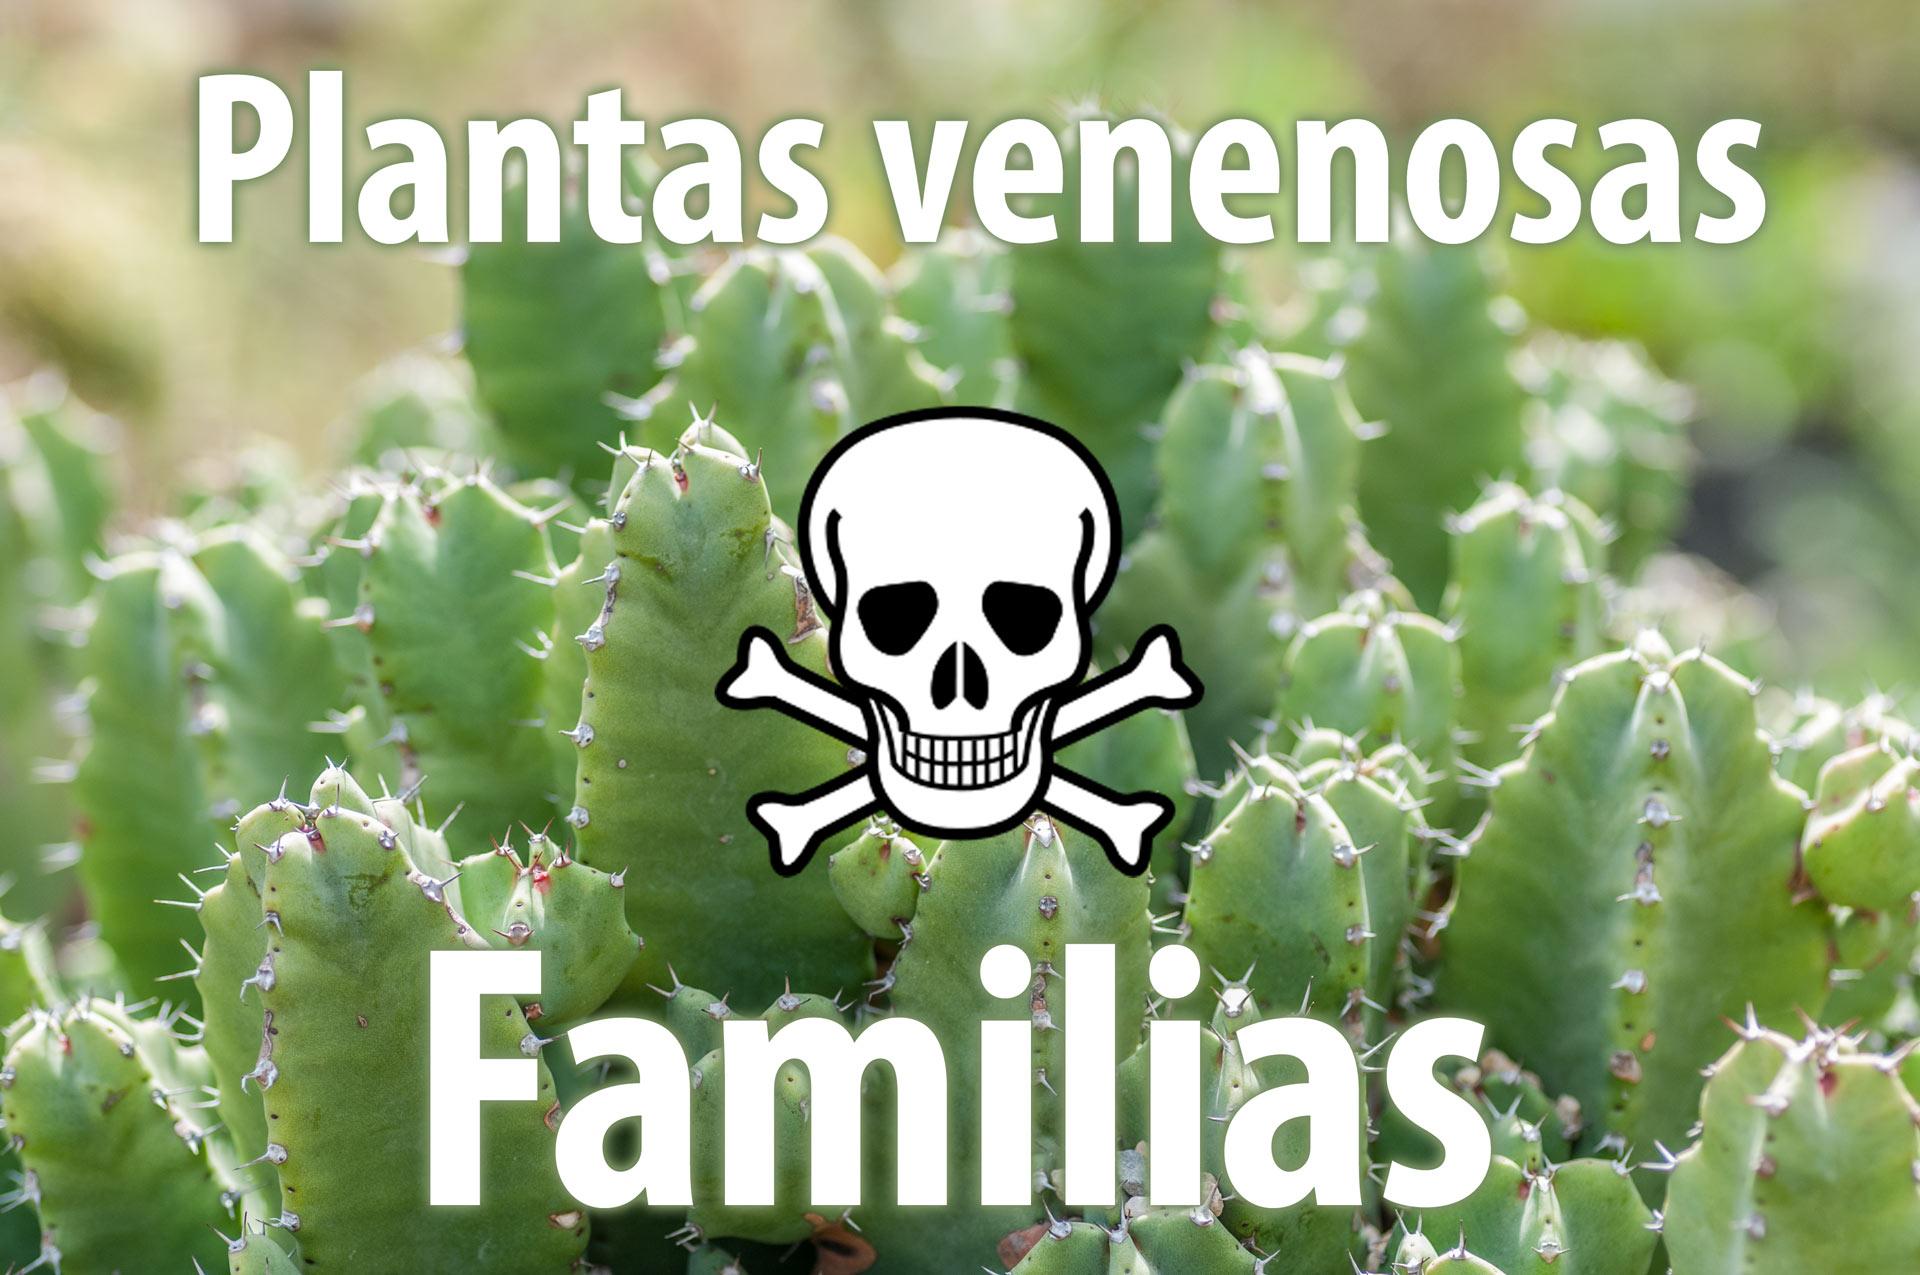 Familias de las plantas venenosas plantas venenosas Plantas de interior toxicas